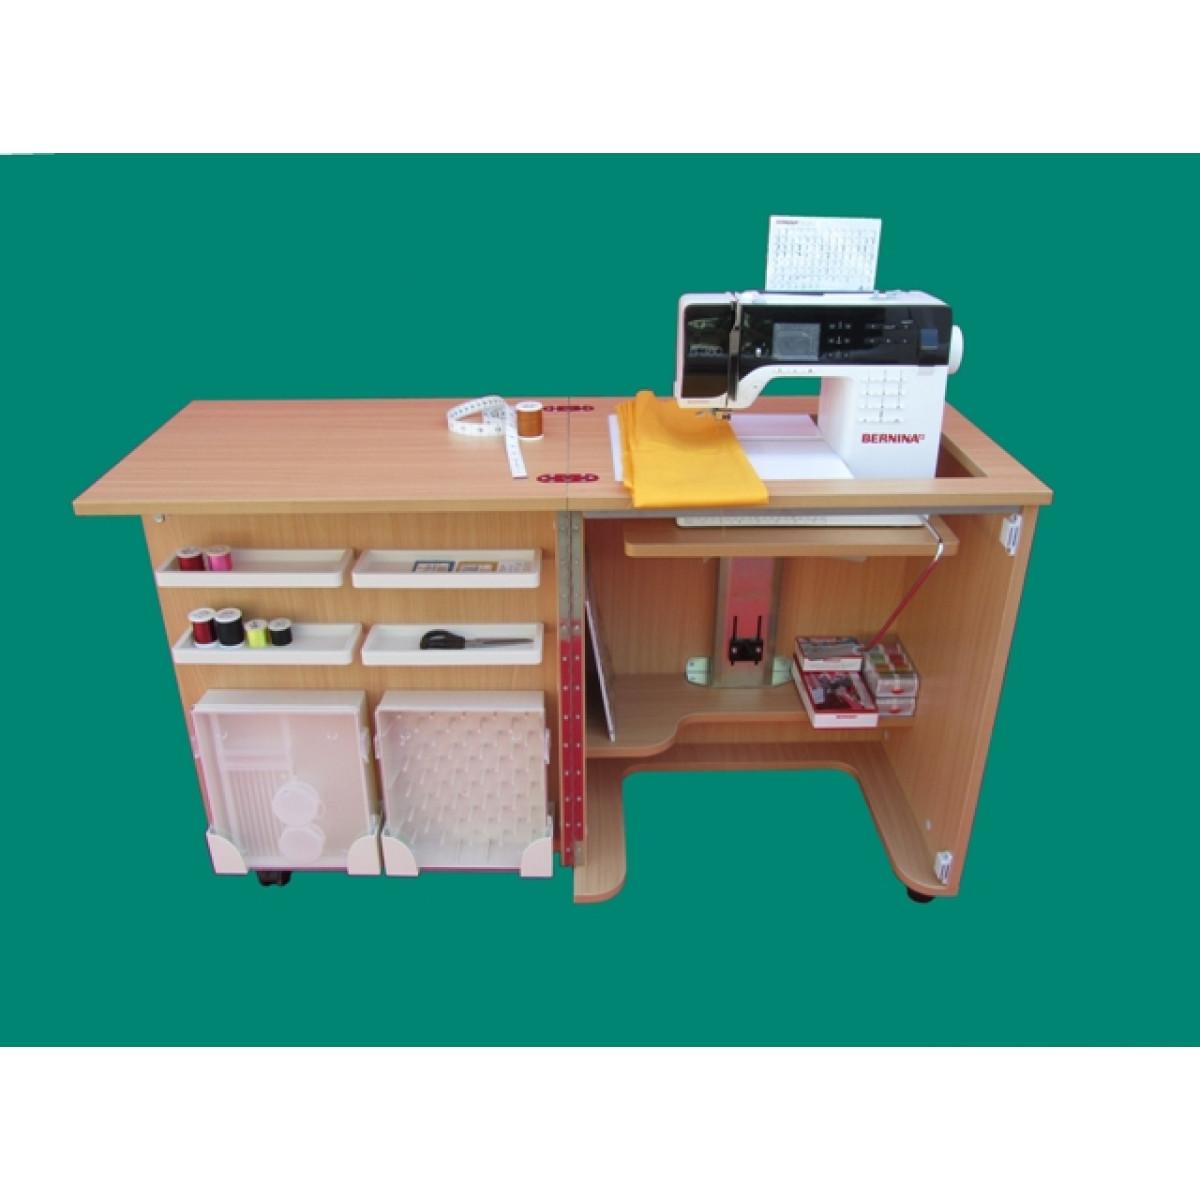 Eredi mantegazza mobile macchina cucire compact mobili - Mobili per macchine da cucire ...